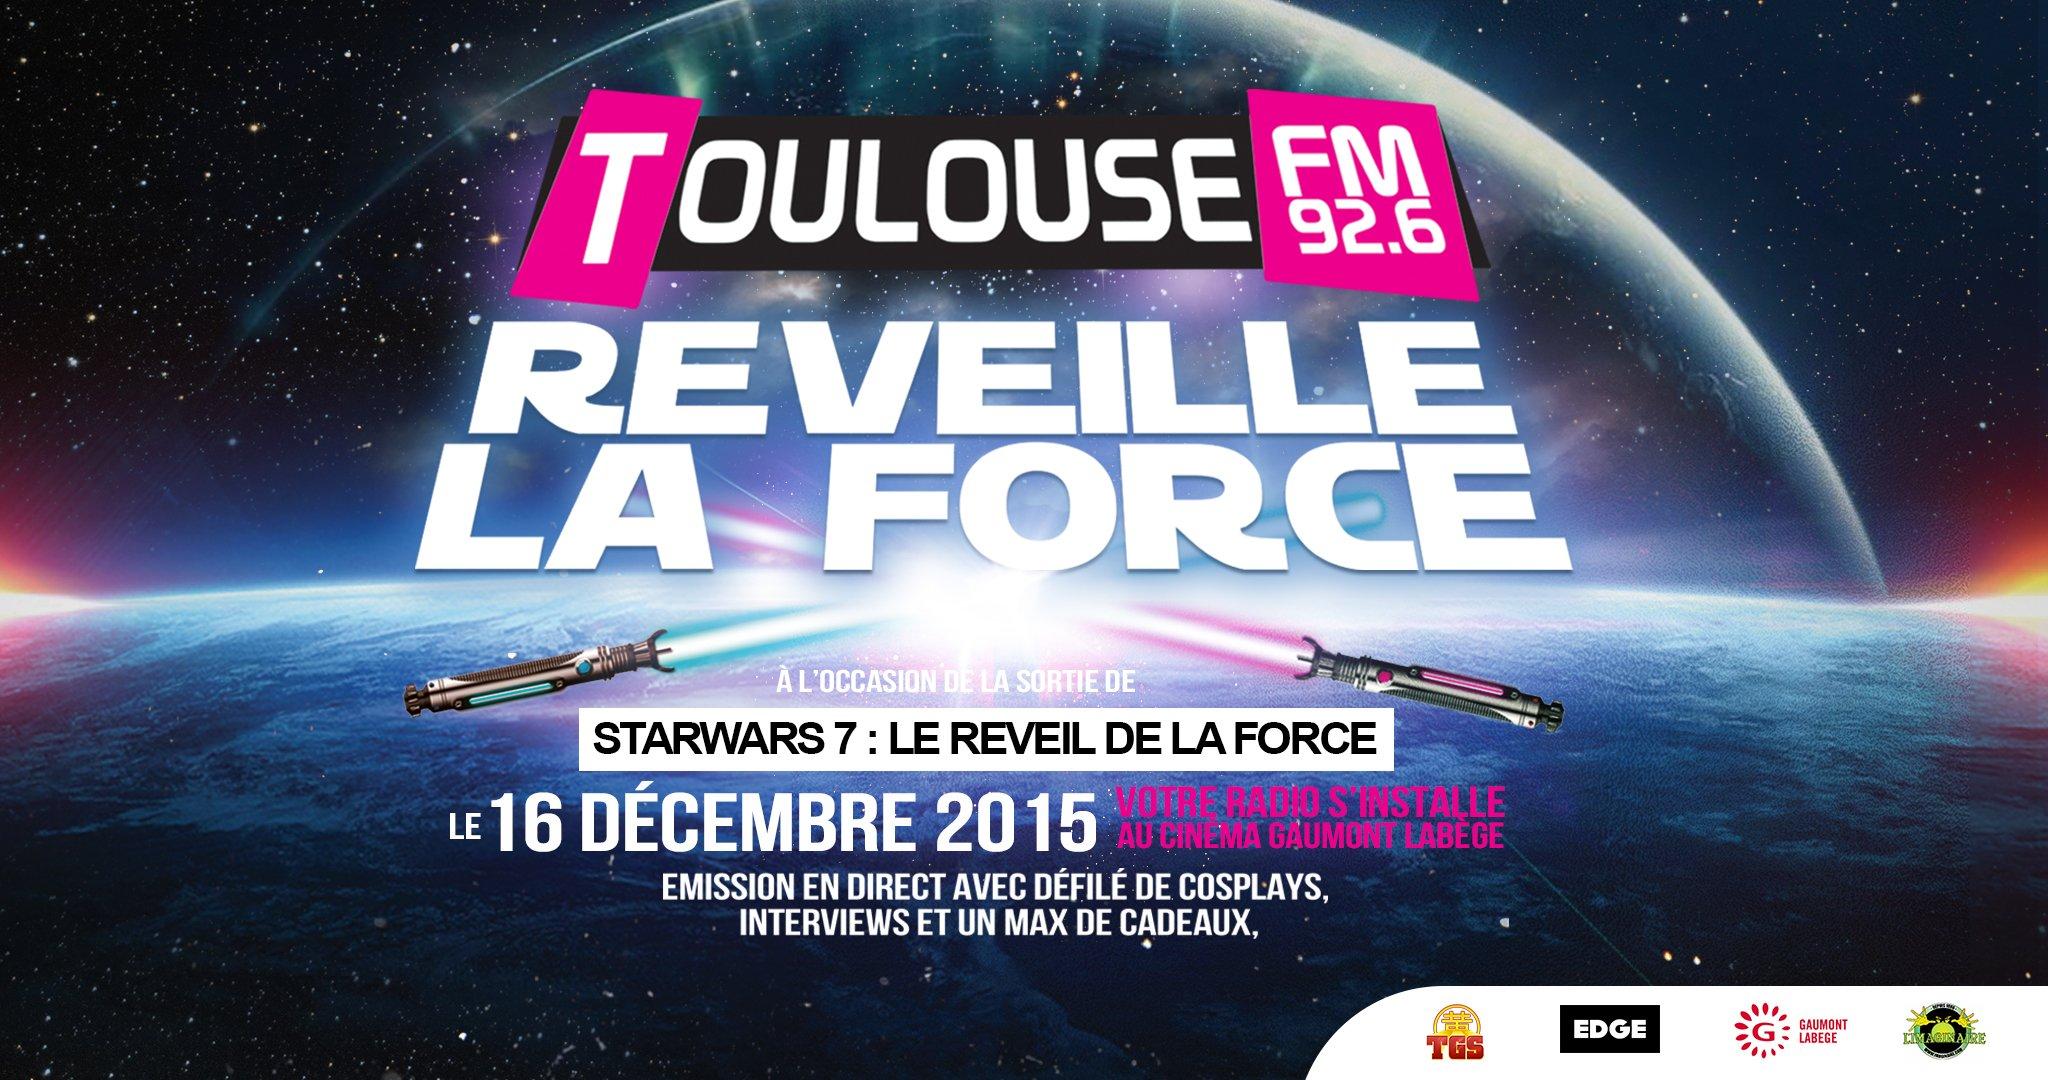 Toulouse FM promet une animation en lien avec le film toutes les 30 min durant 18 heures